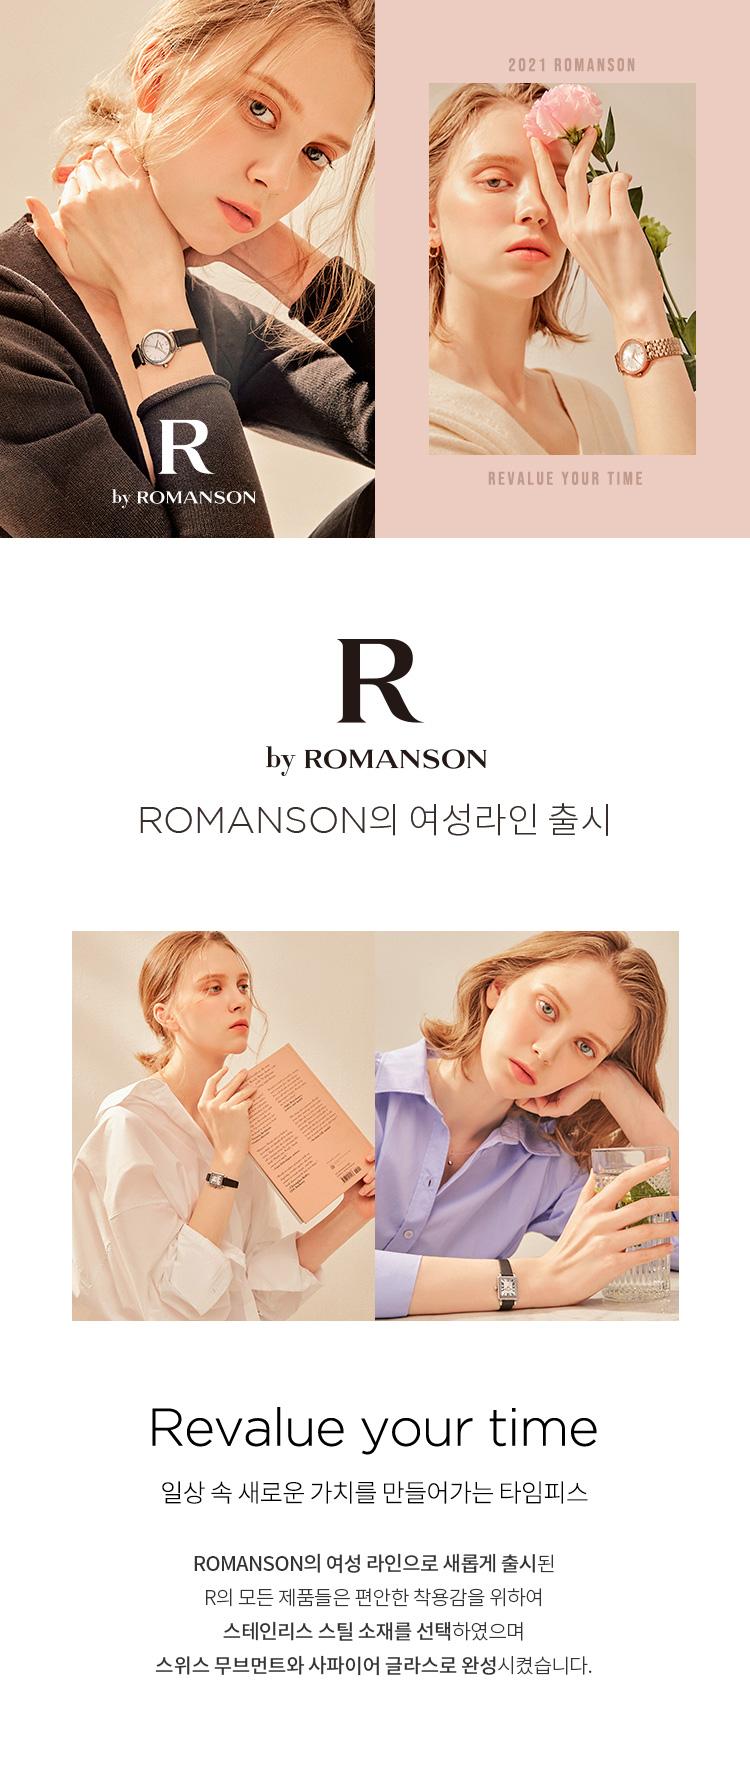 ROMANSON의 여성라인 출시